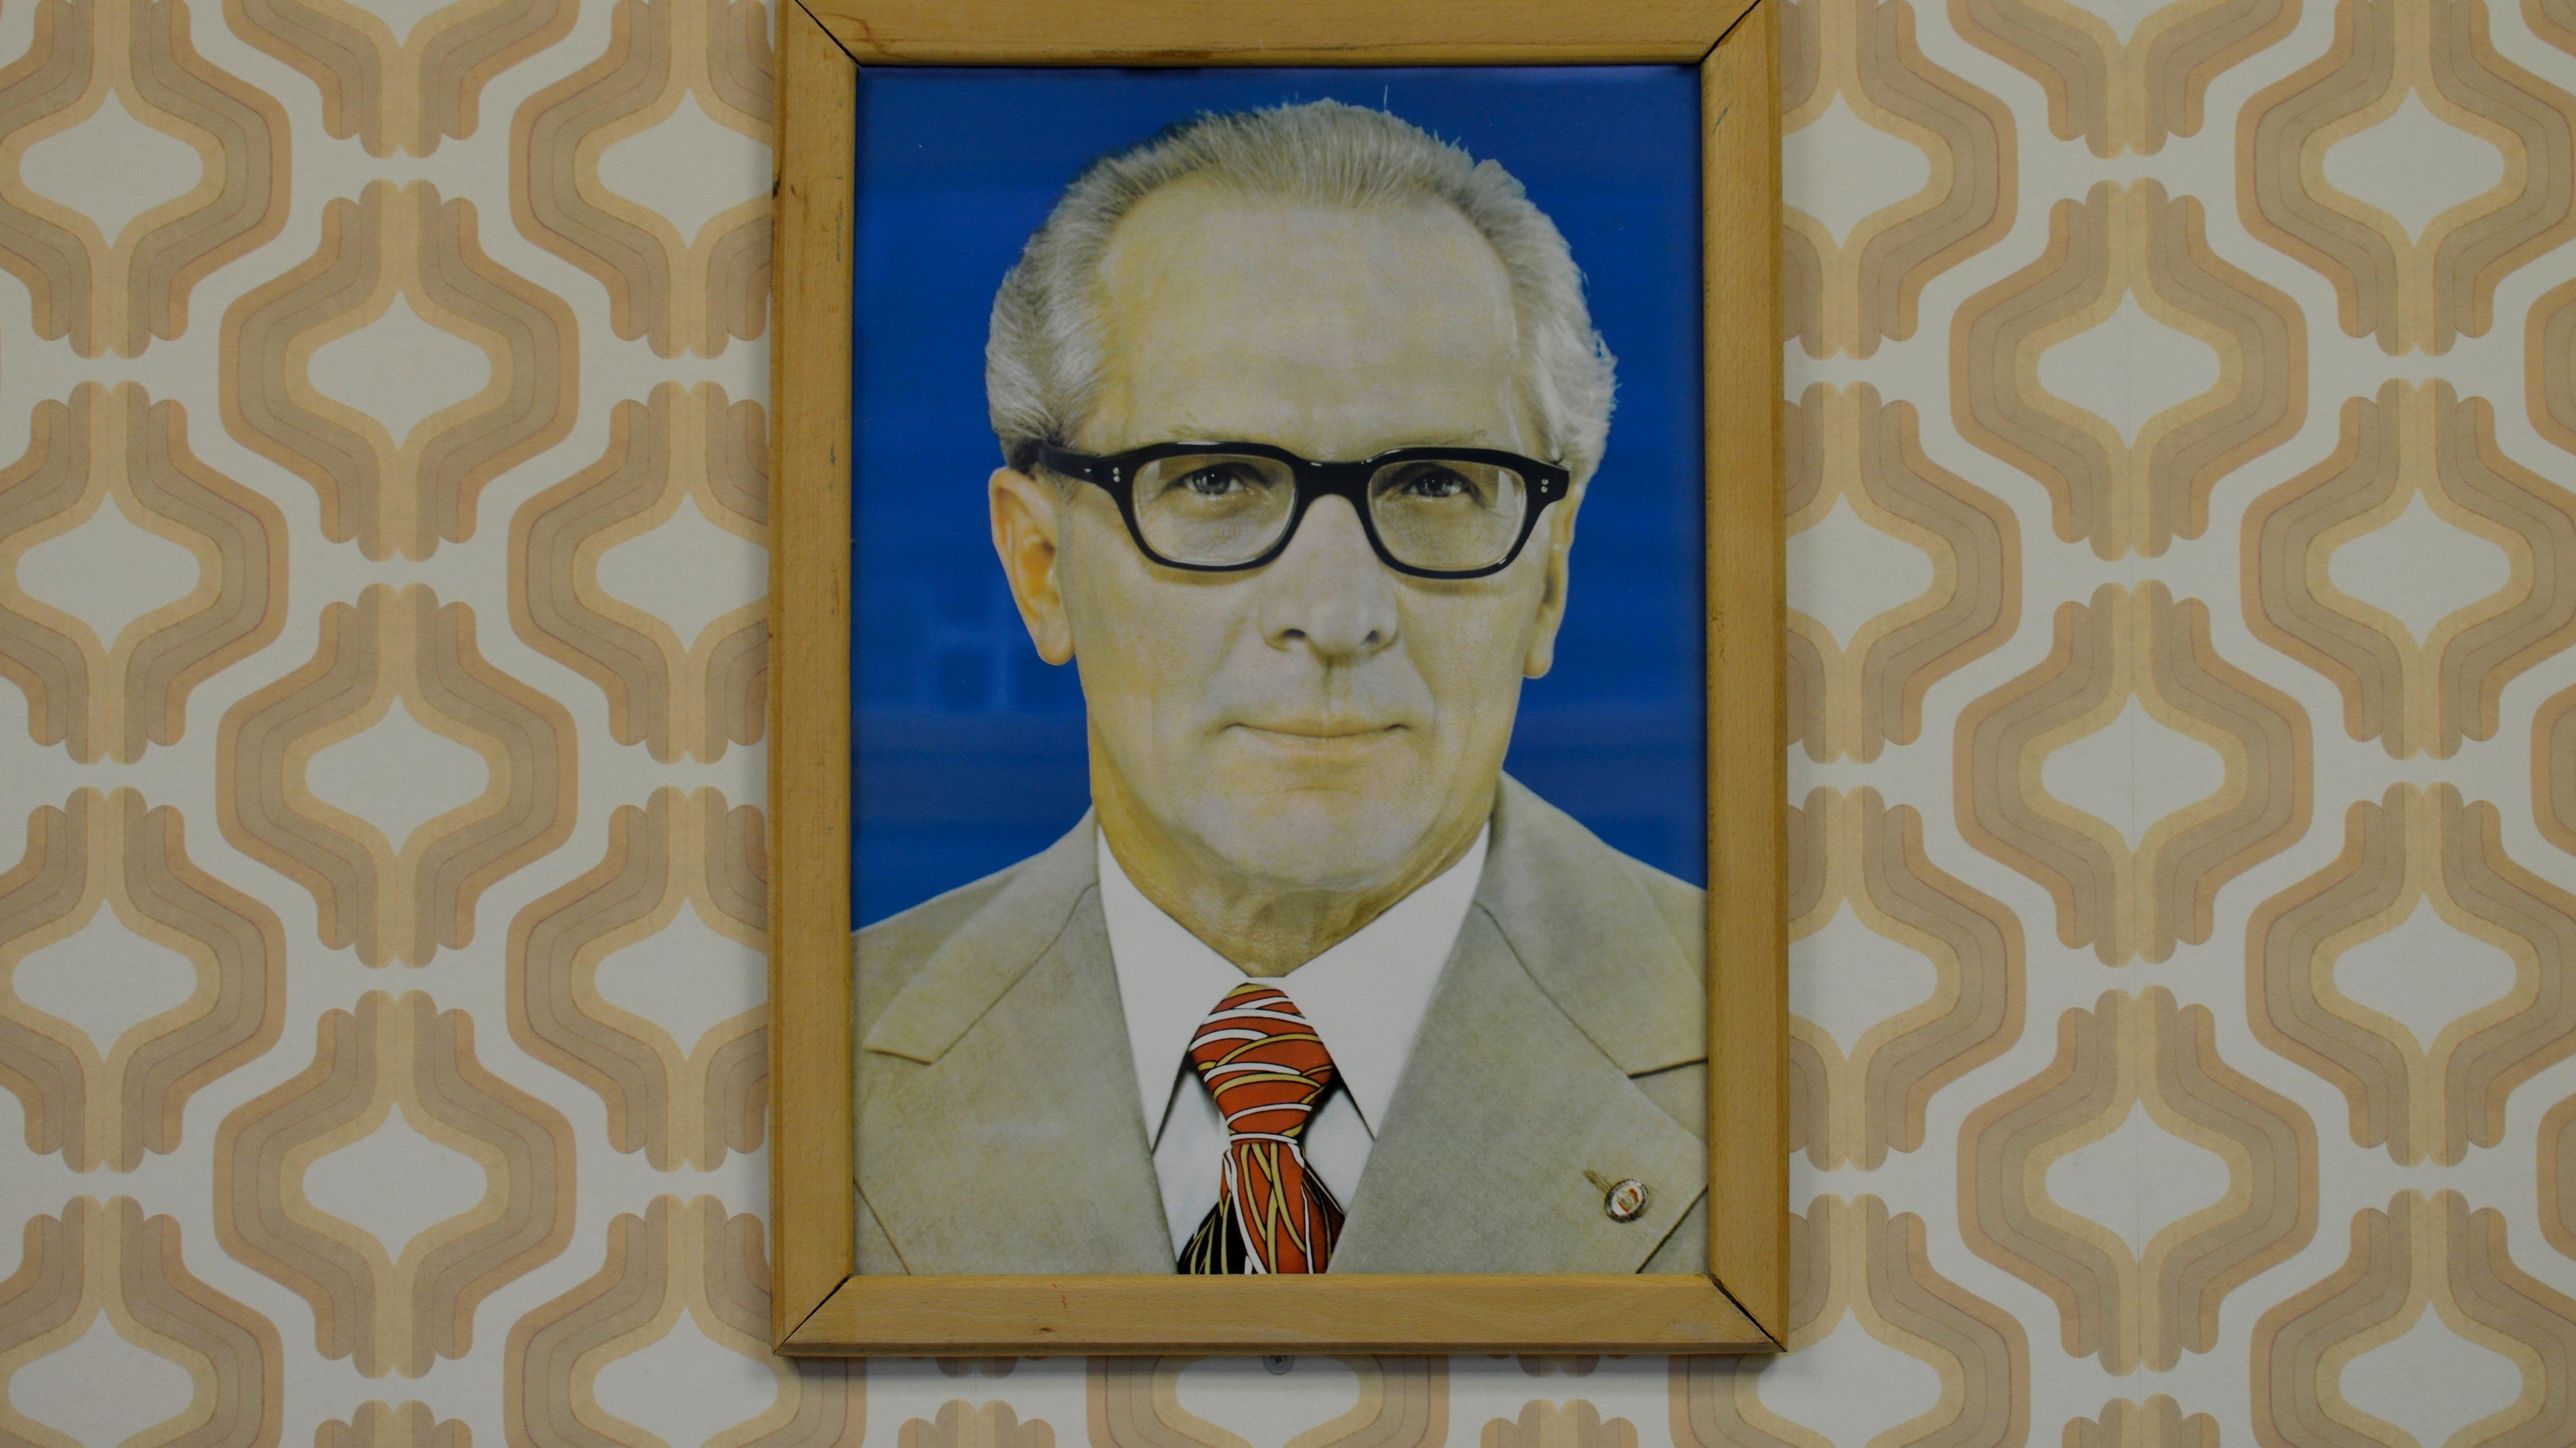 Historisches Honecker-Porträt in der Stasi-Gedenkstätte Berlin-Hohenschönhausen